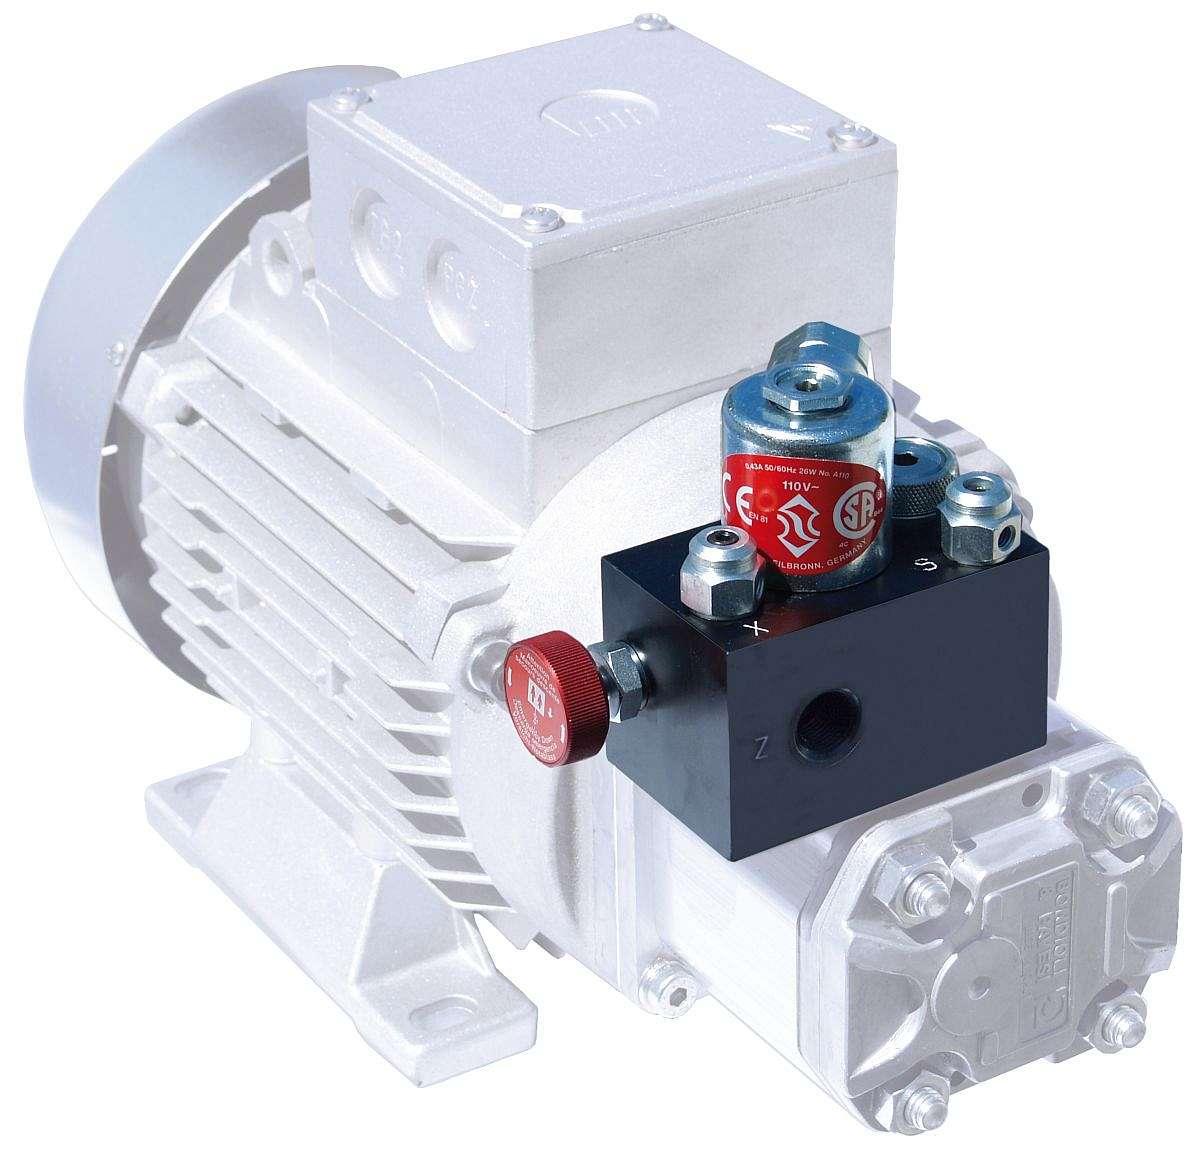 Pressure lock valve